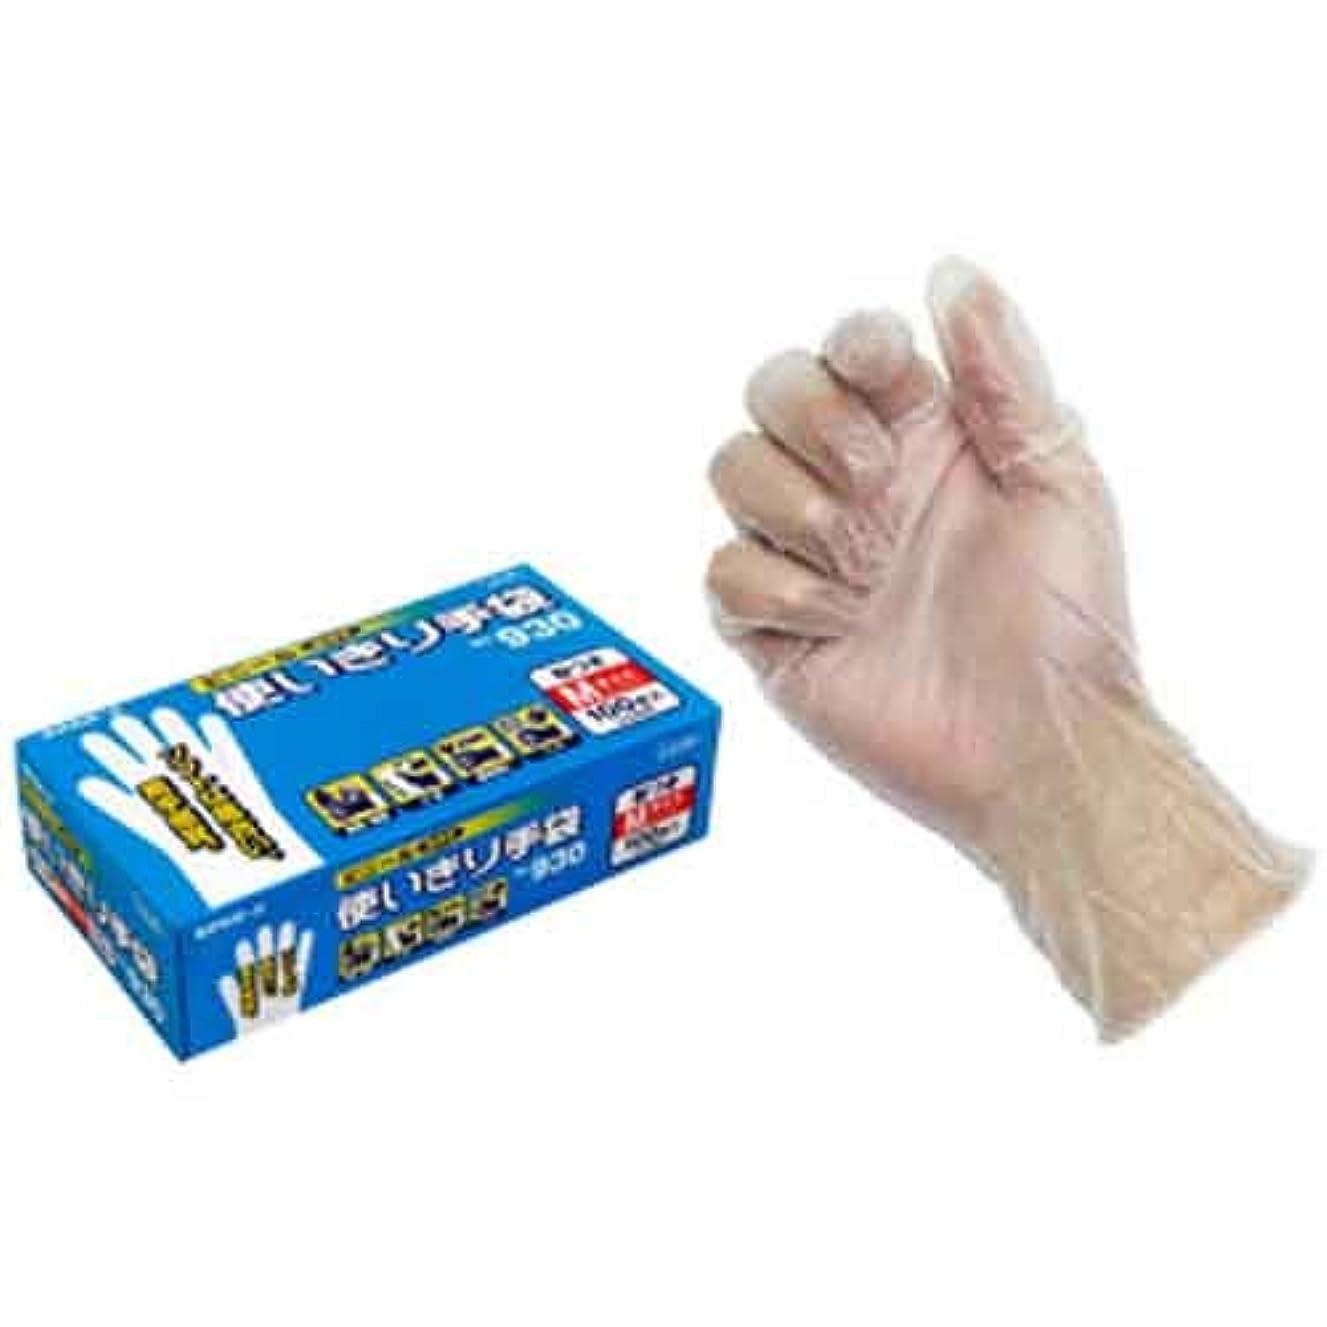 酸化物流行不当ビニール使いきり手袋(粉付)100枚入(箱) 930 M